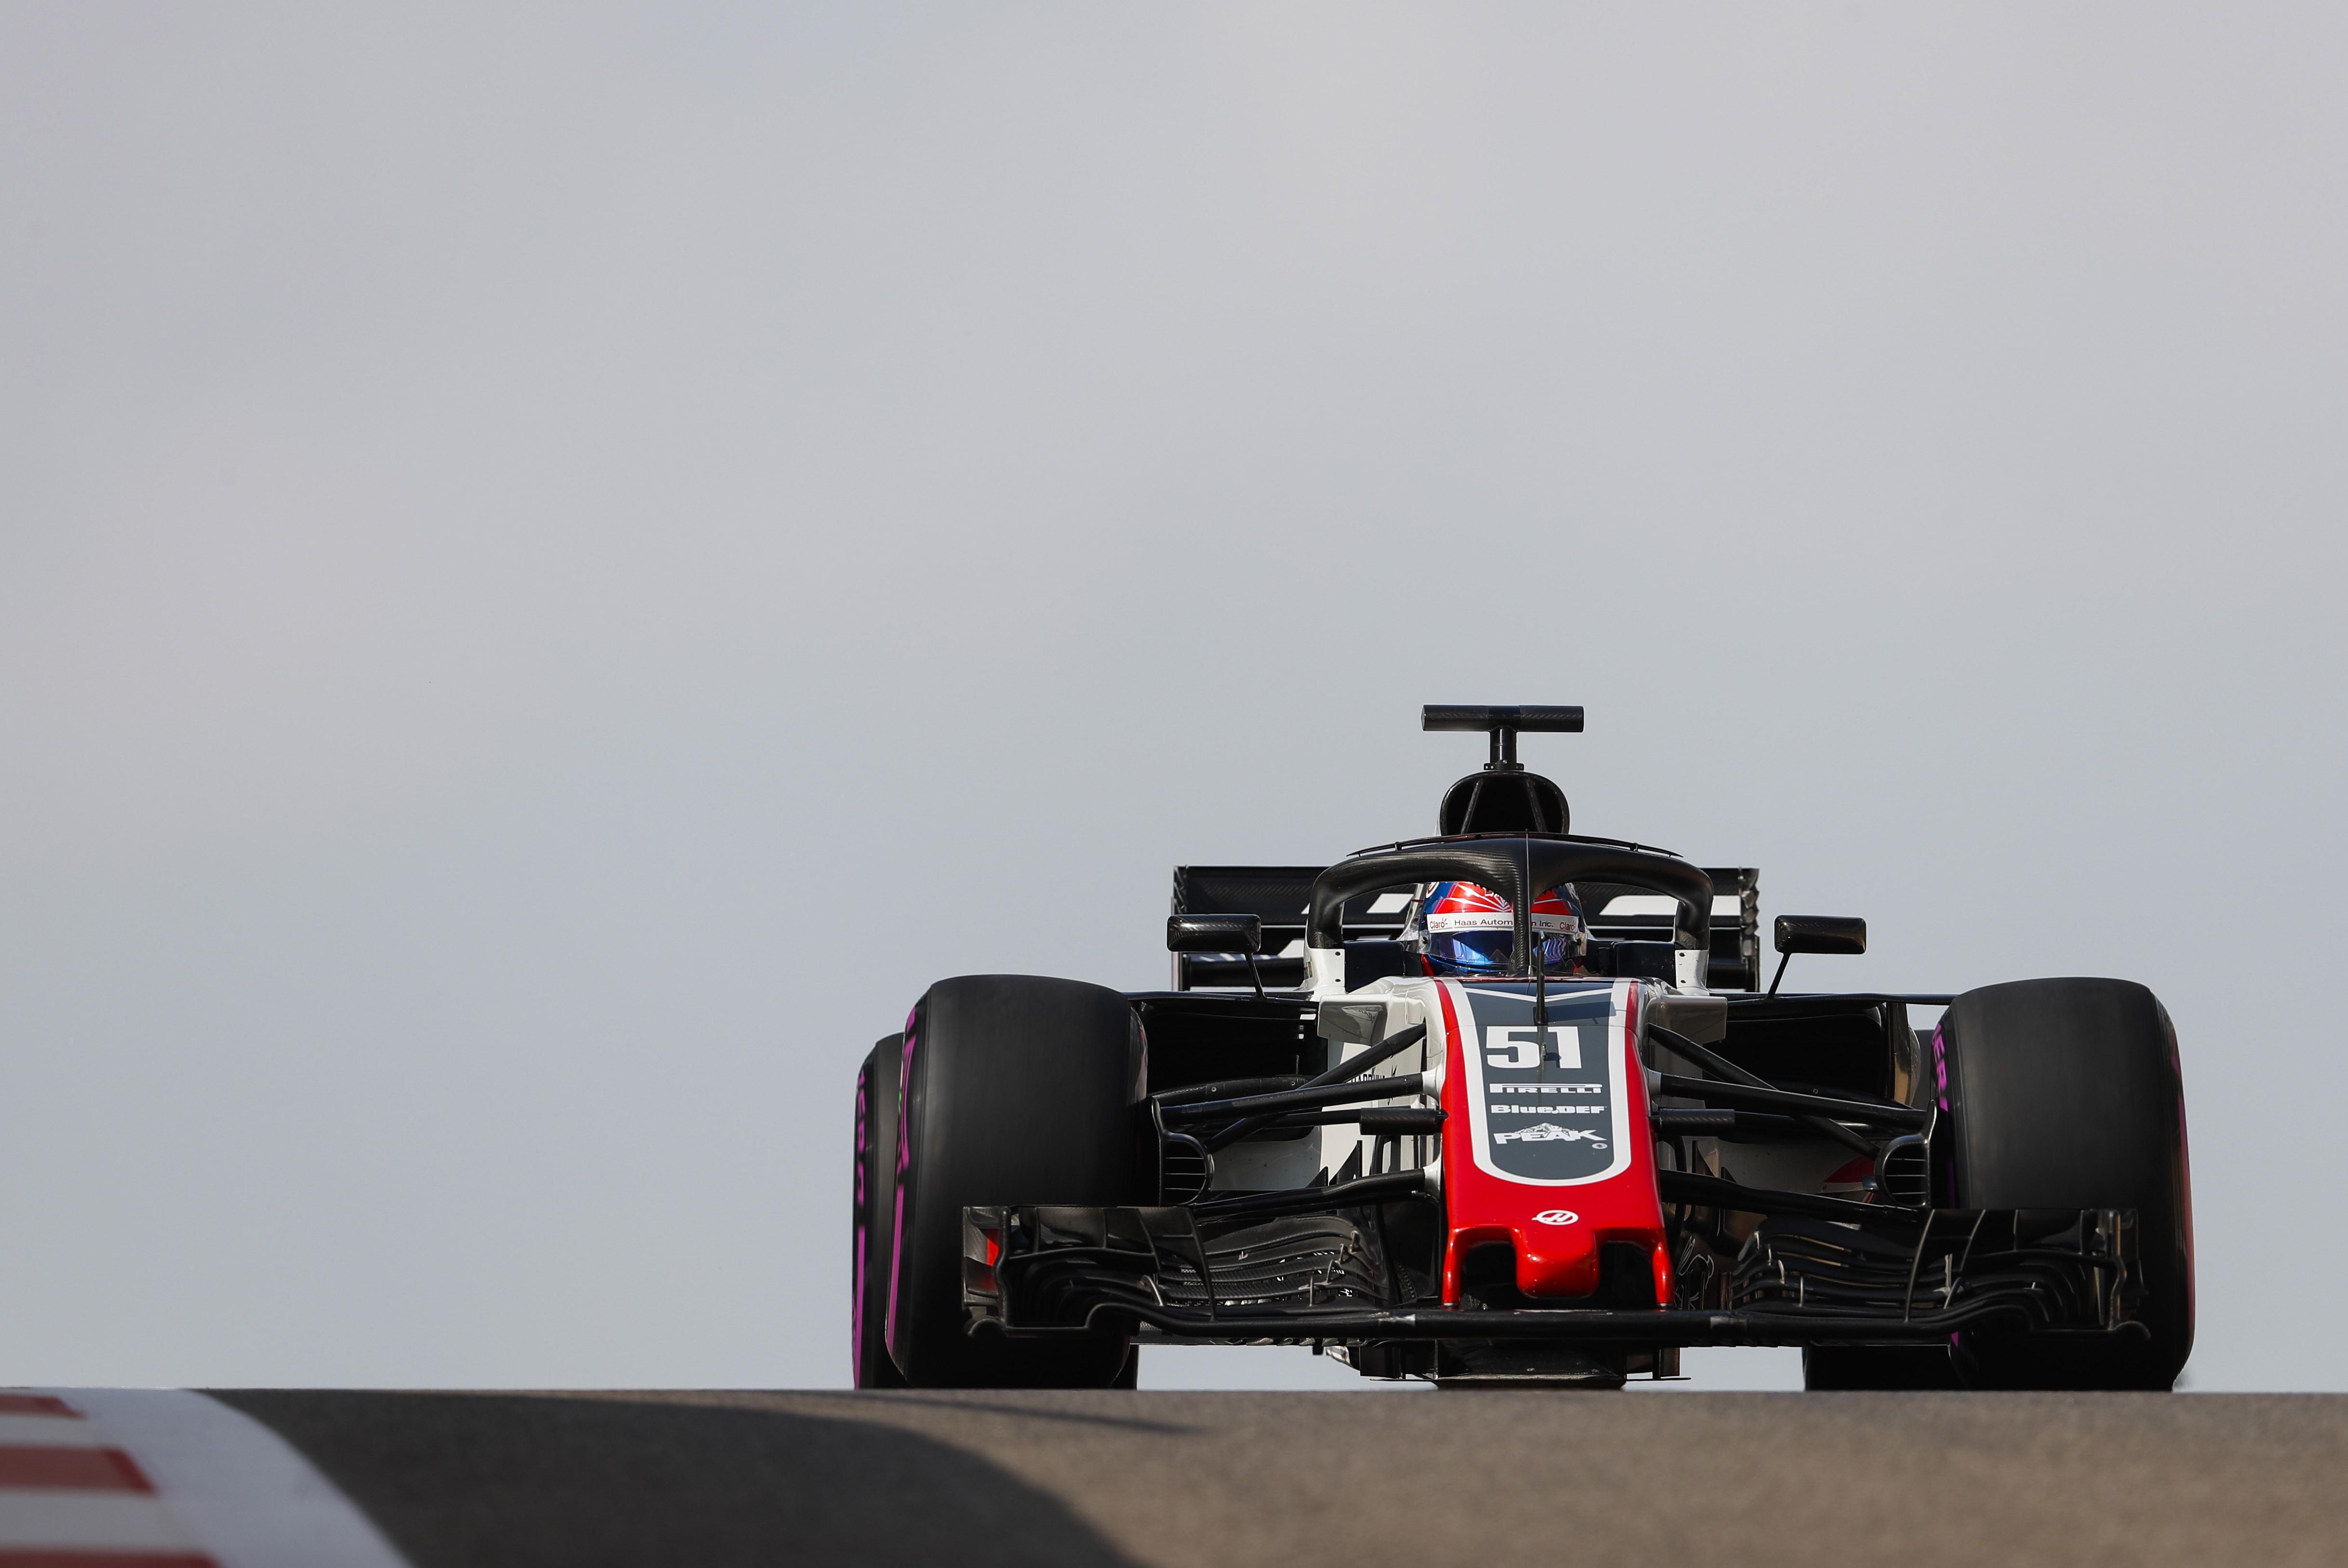 Photo of F1 – Pietro Fittipaldi testa novo carro da Haas na pré-temporada da F1 em Barcelona na próxima 4ª e 5ª